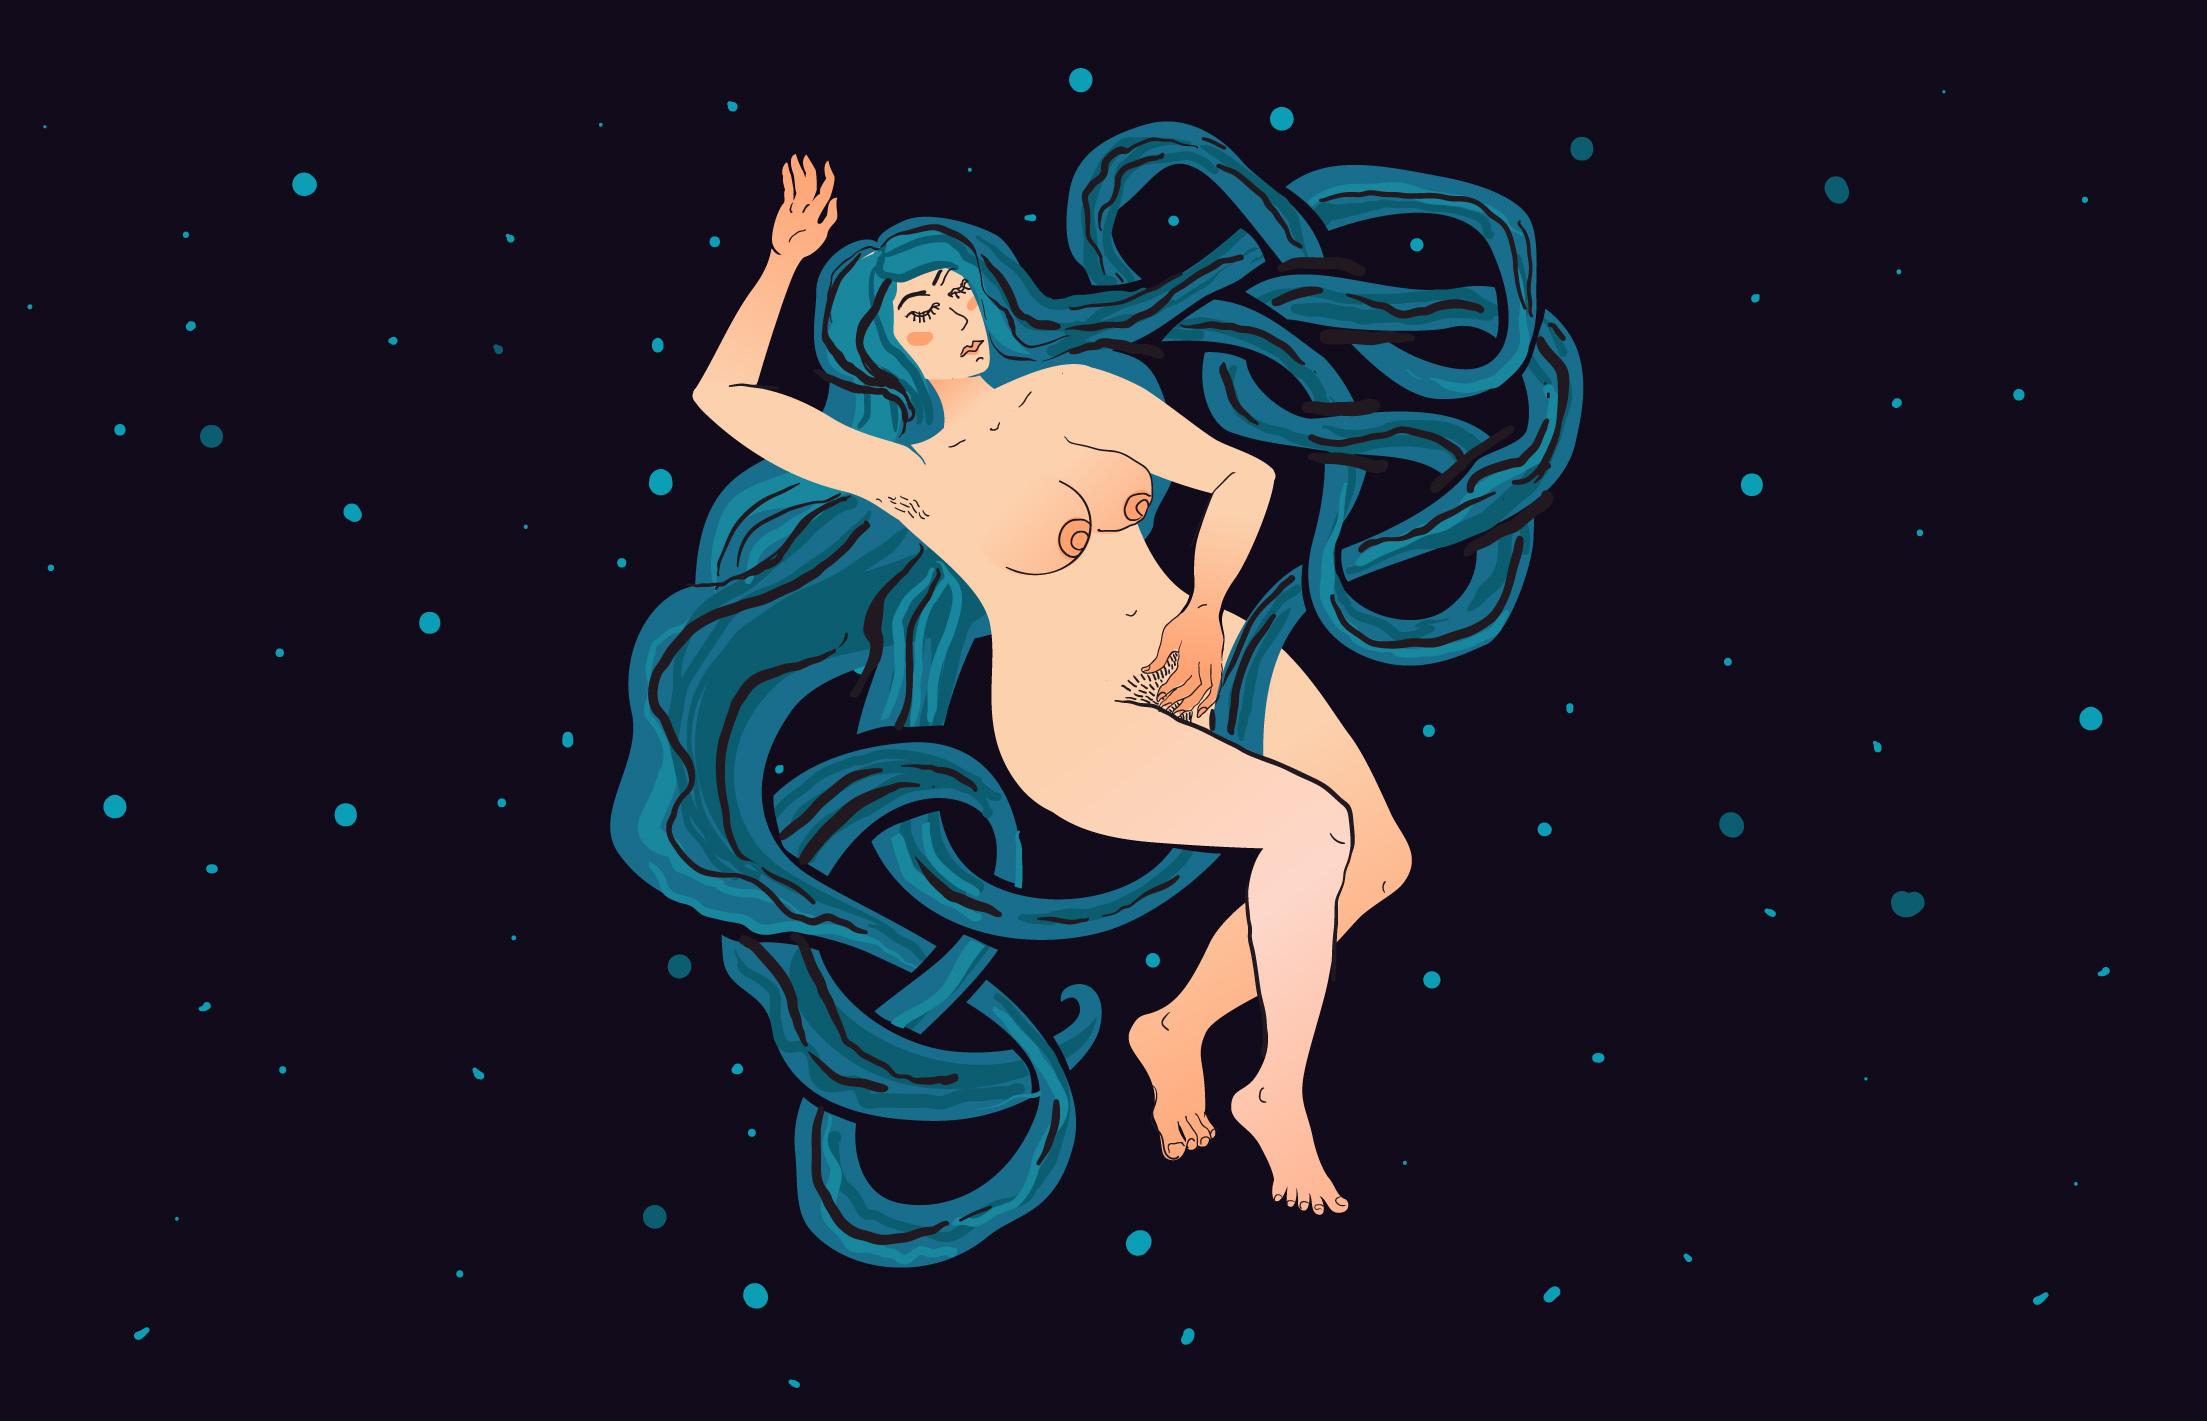 Мастурбирующая женщина в пространстве